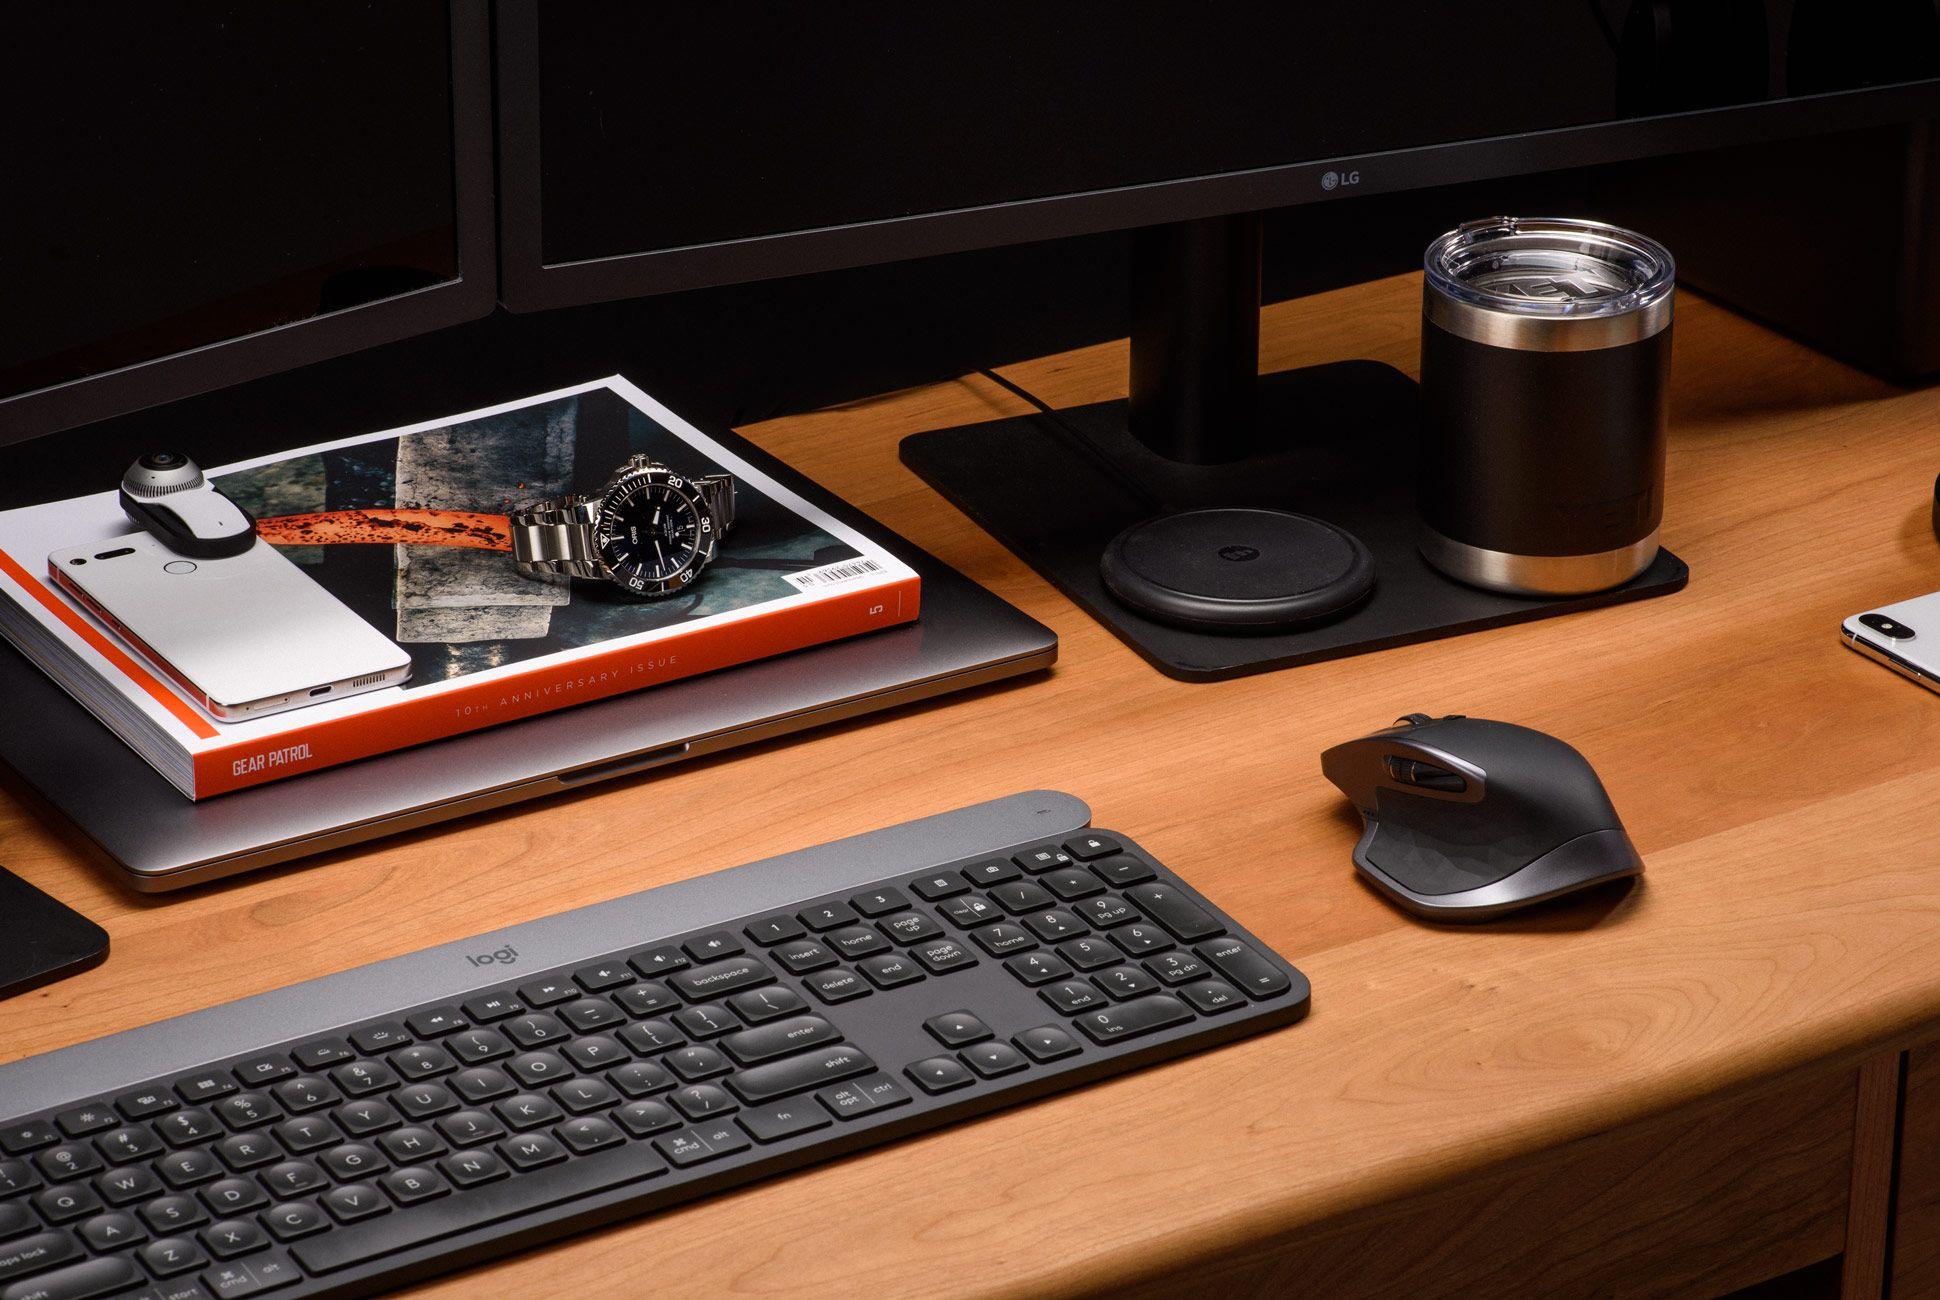 Ultimate-Desk-Setups-Gear-Patrol-Pro-3